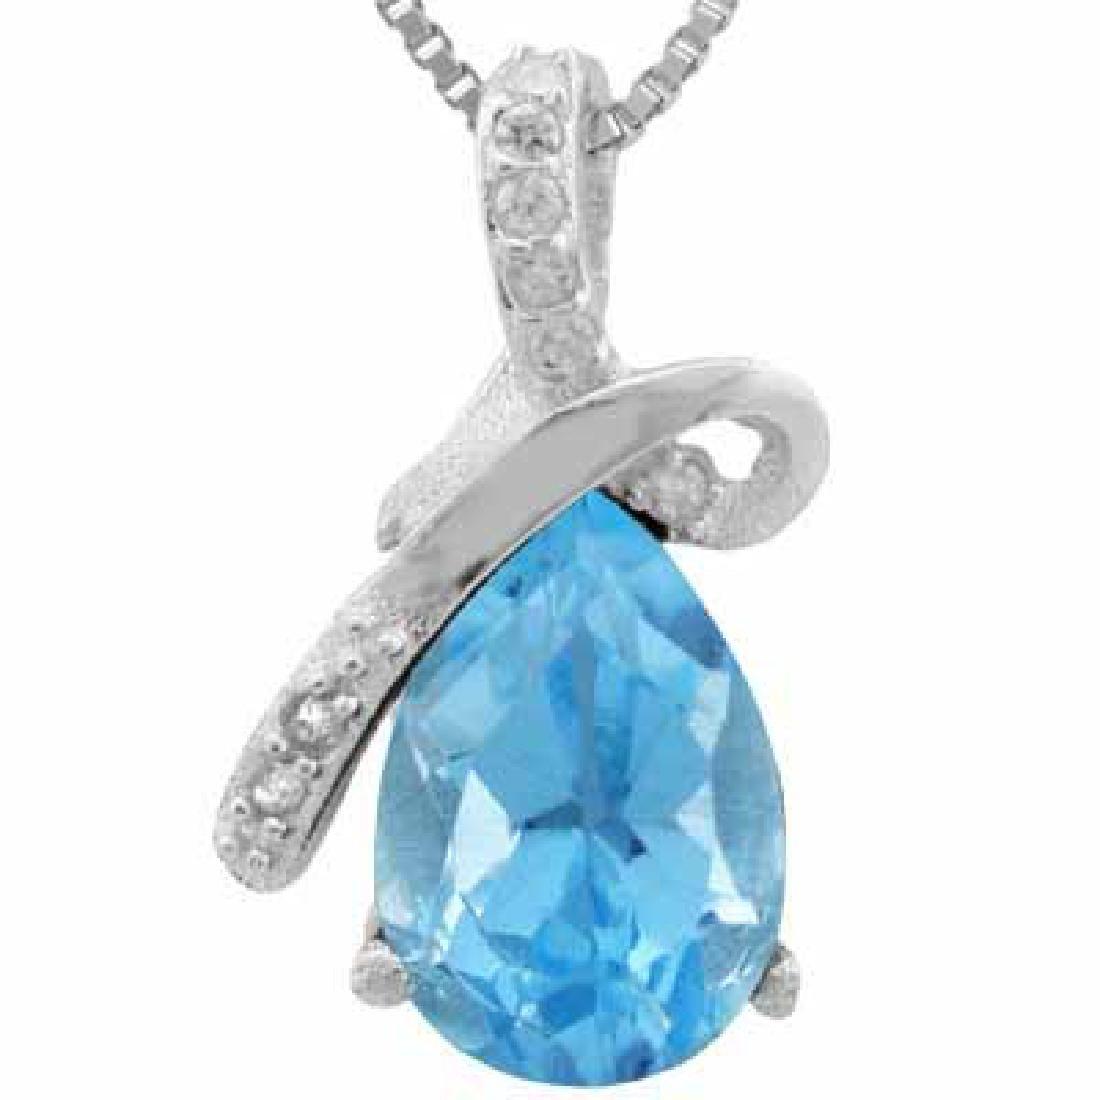 1.512 CARAT TW BLUE TOPAZ & DIAMOND PLATINUM OVER 0.925